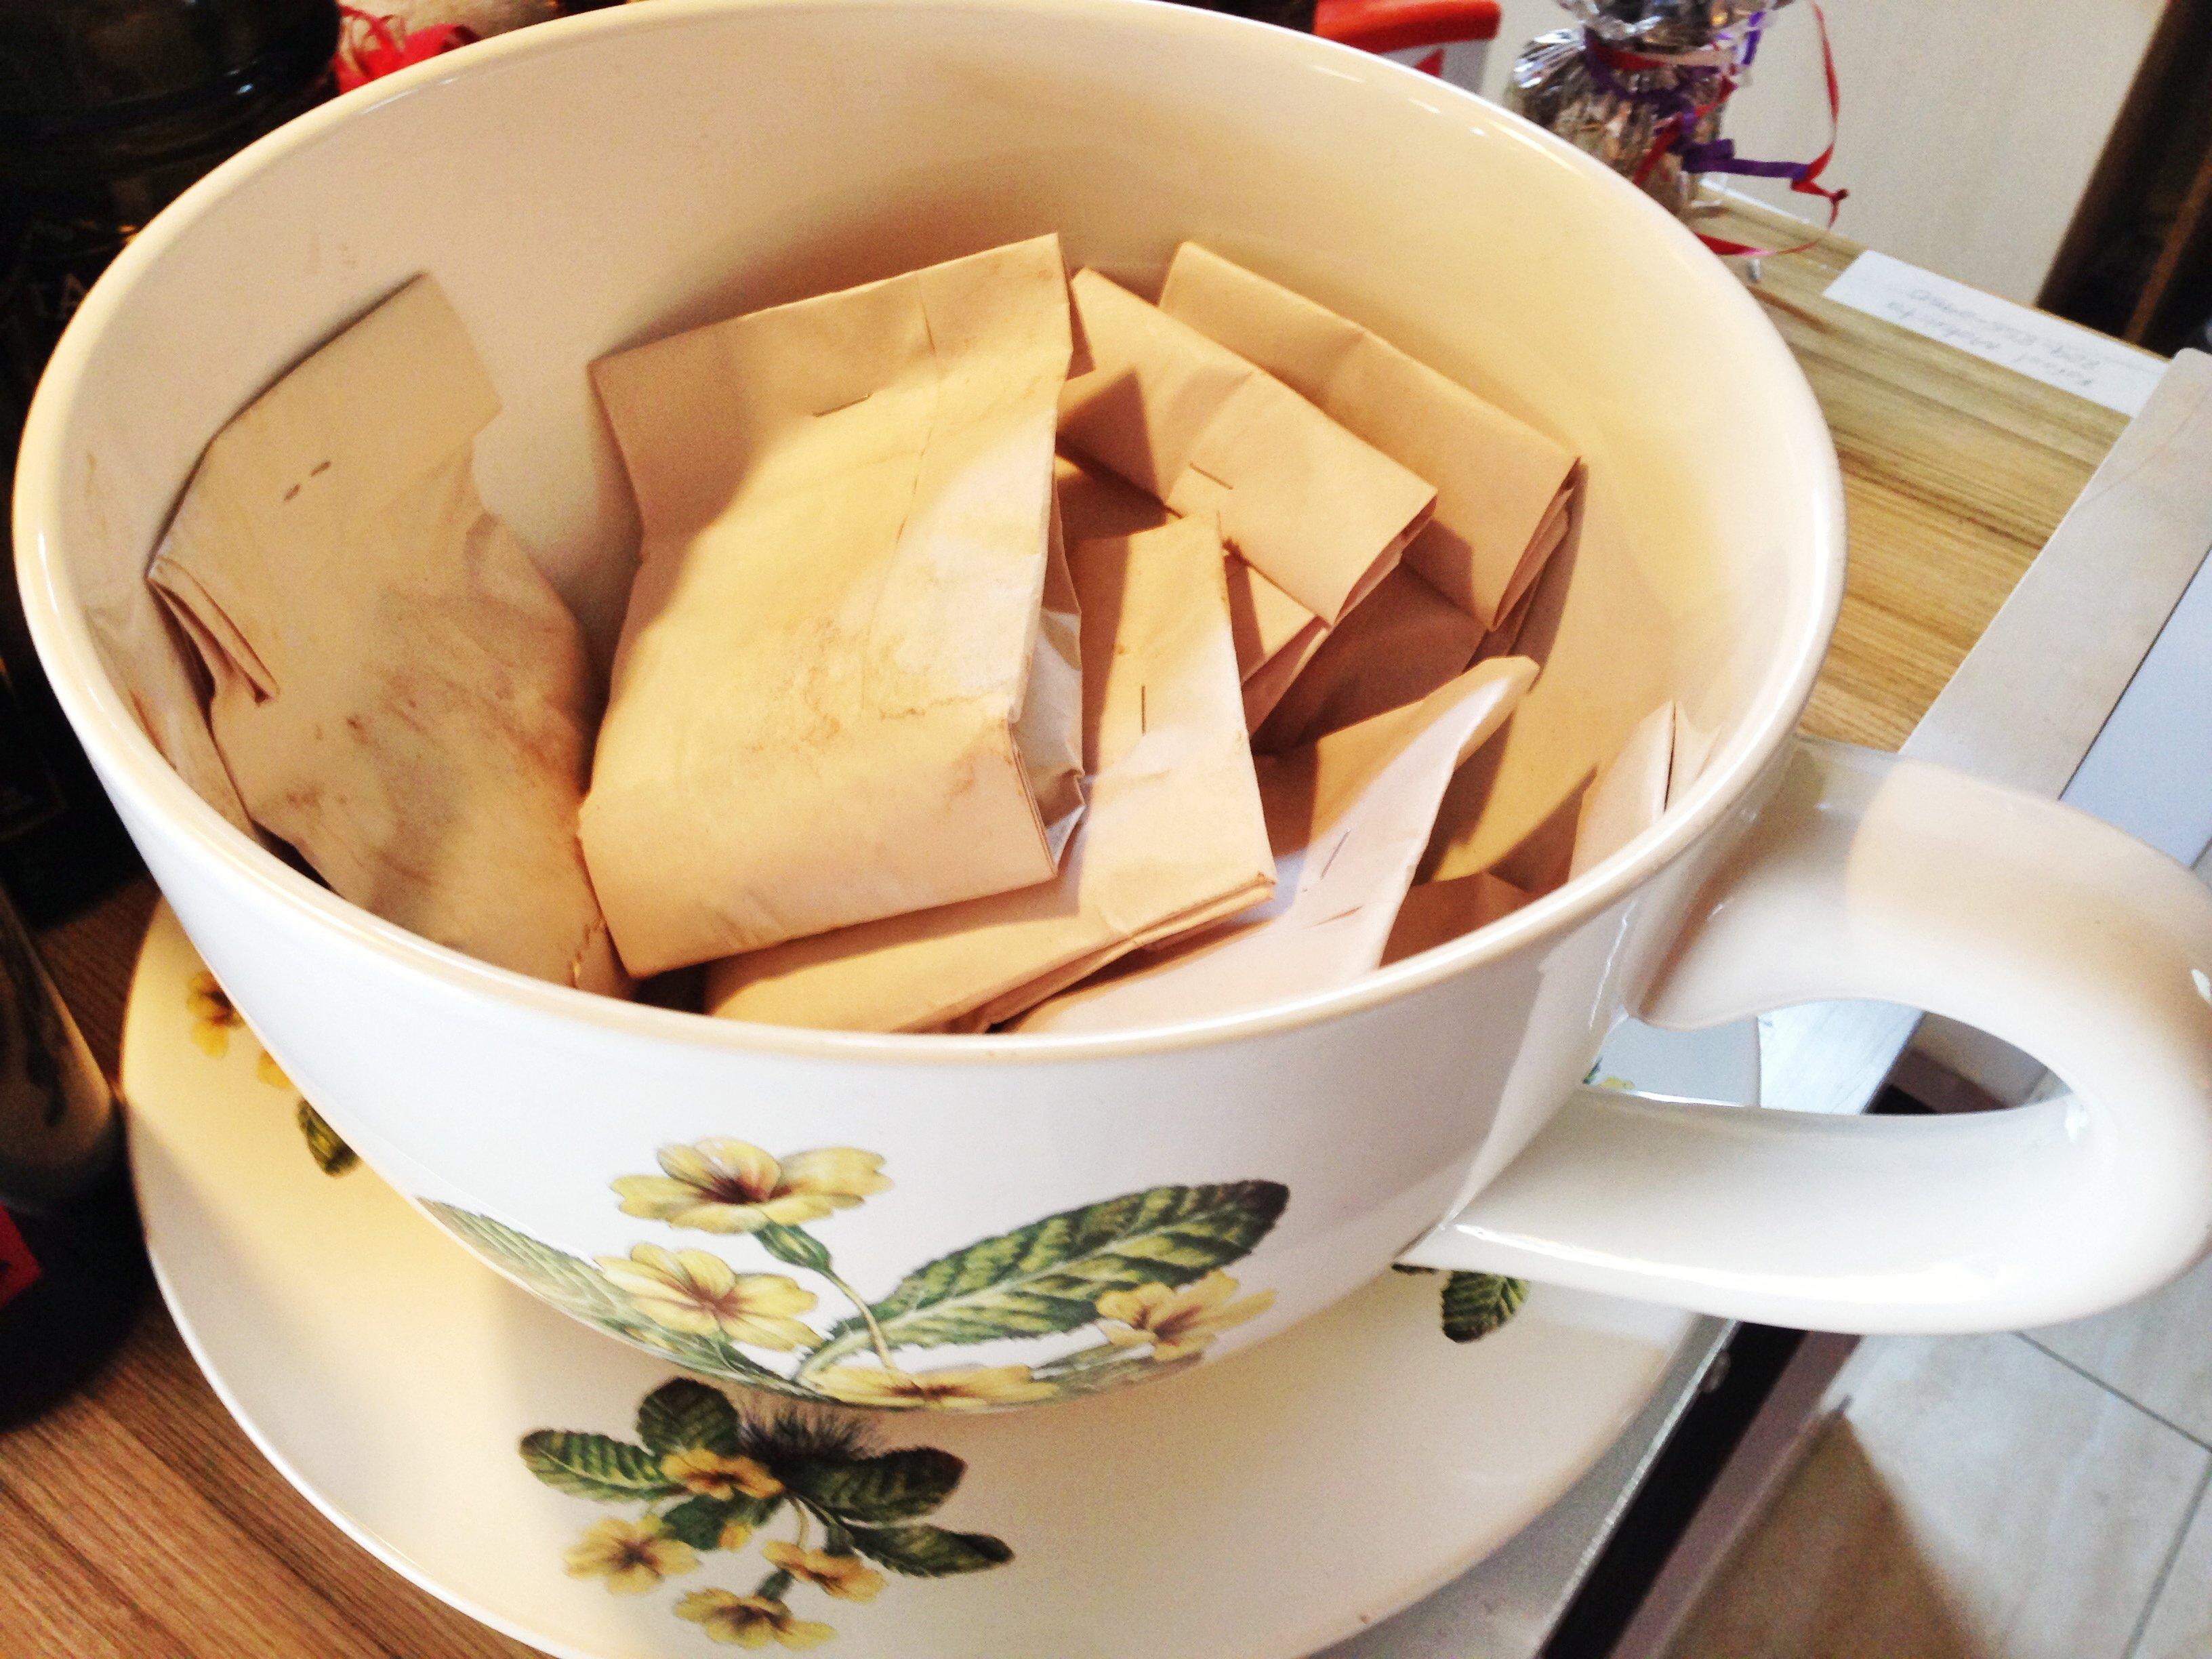 Chocolate al detalle para preparar en casa.